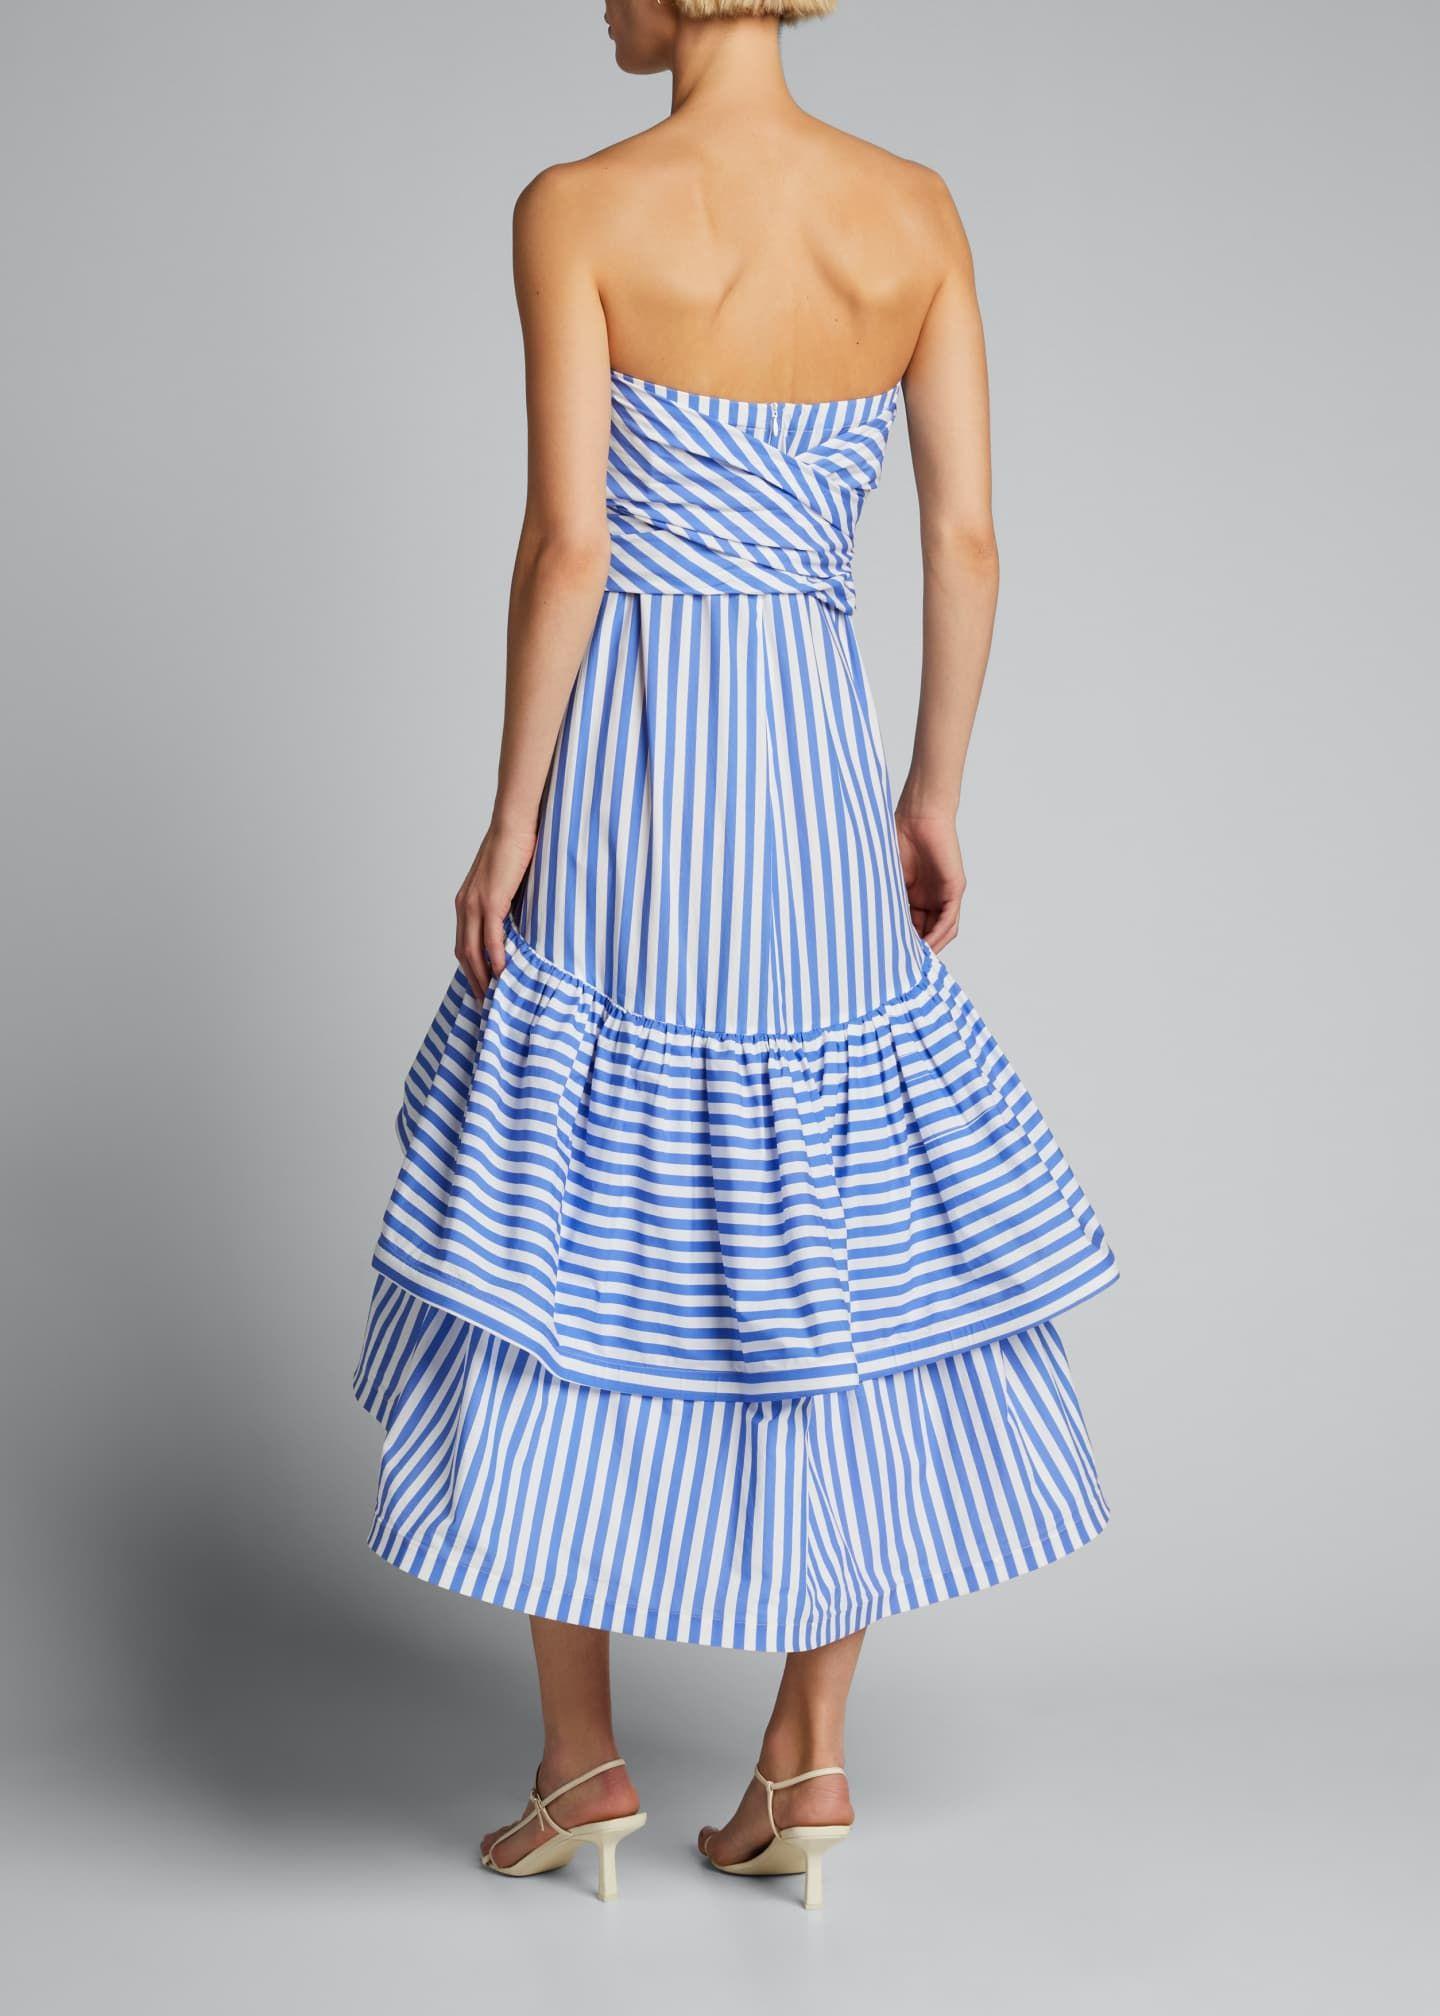 Silvia Tcherassi Striped Strapless Tiered Ruffle Dress Tiered Ruffle Dress Ruffle Dress Dresses [ 2016 x 1440 Pixel ]